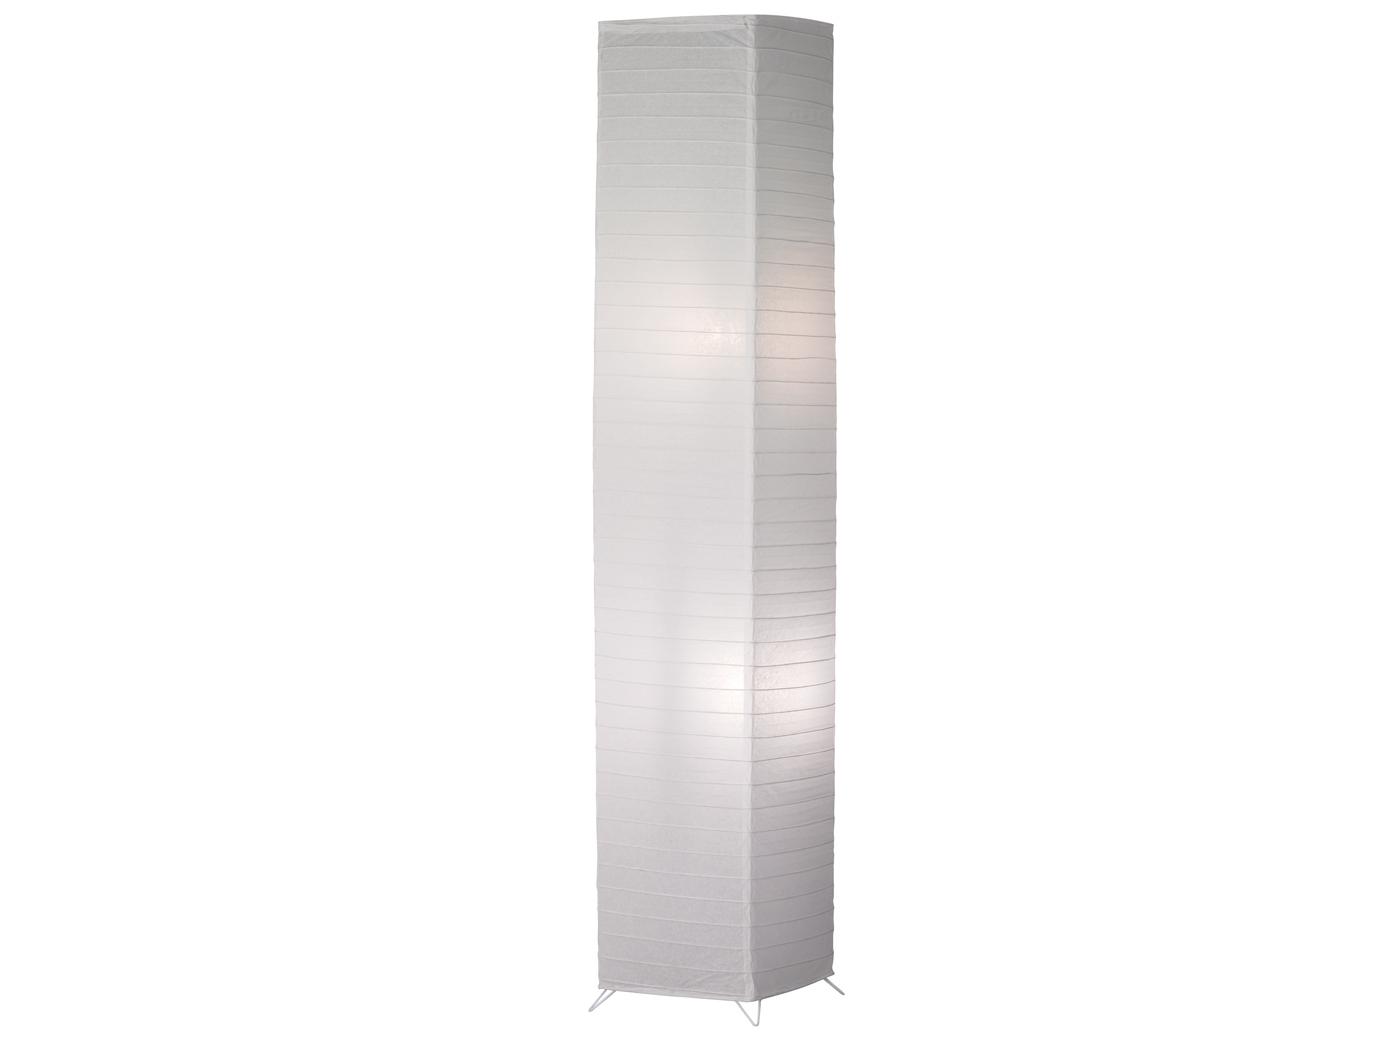 Details zu Kleine Zylinder Stehlampe mit Papierschirm stehende Lampe für  Wohnzimmer & Flur